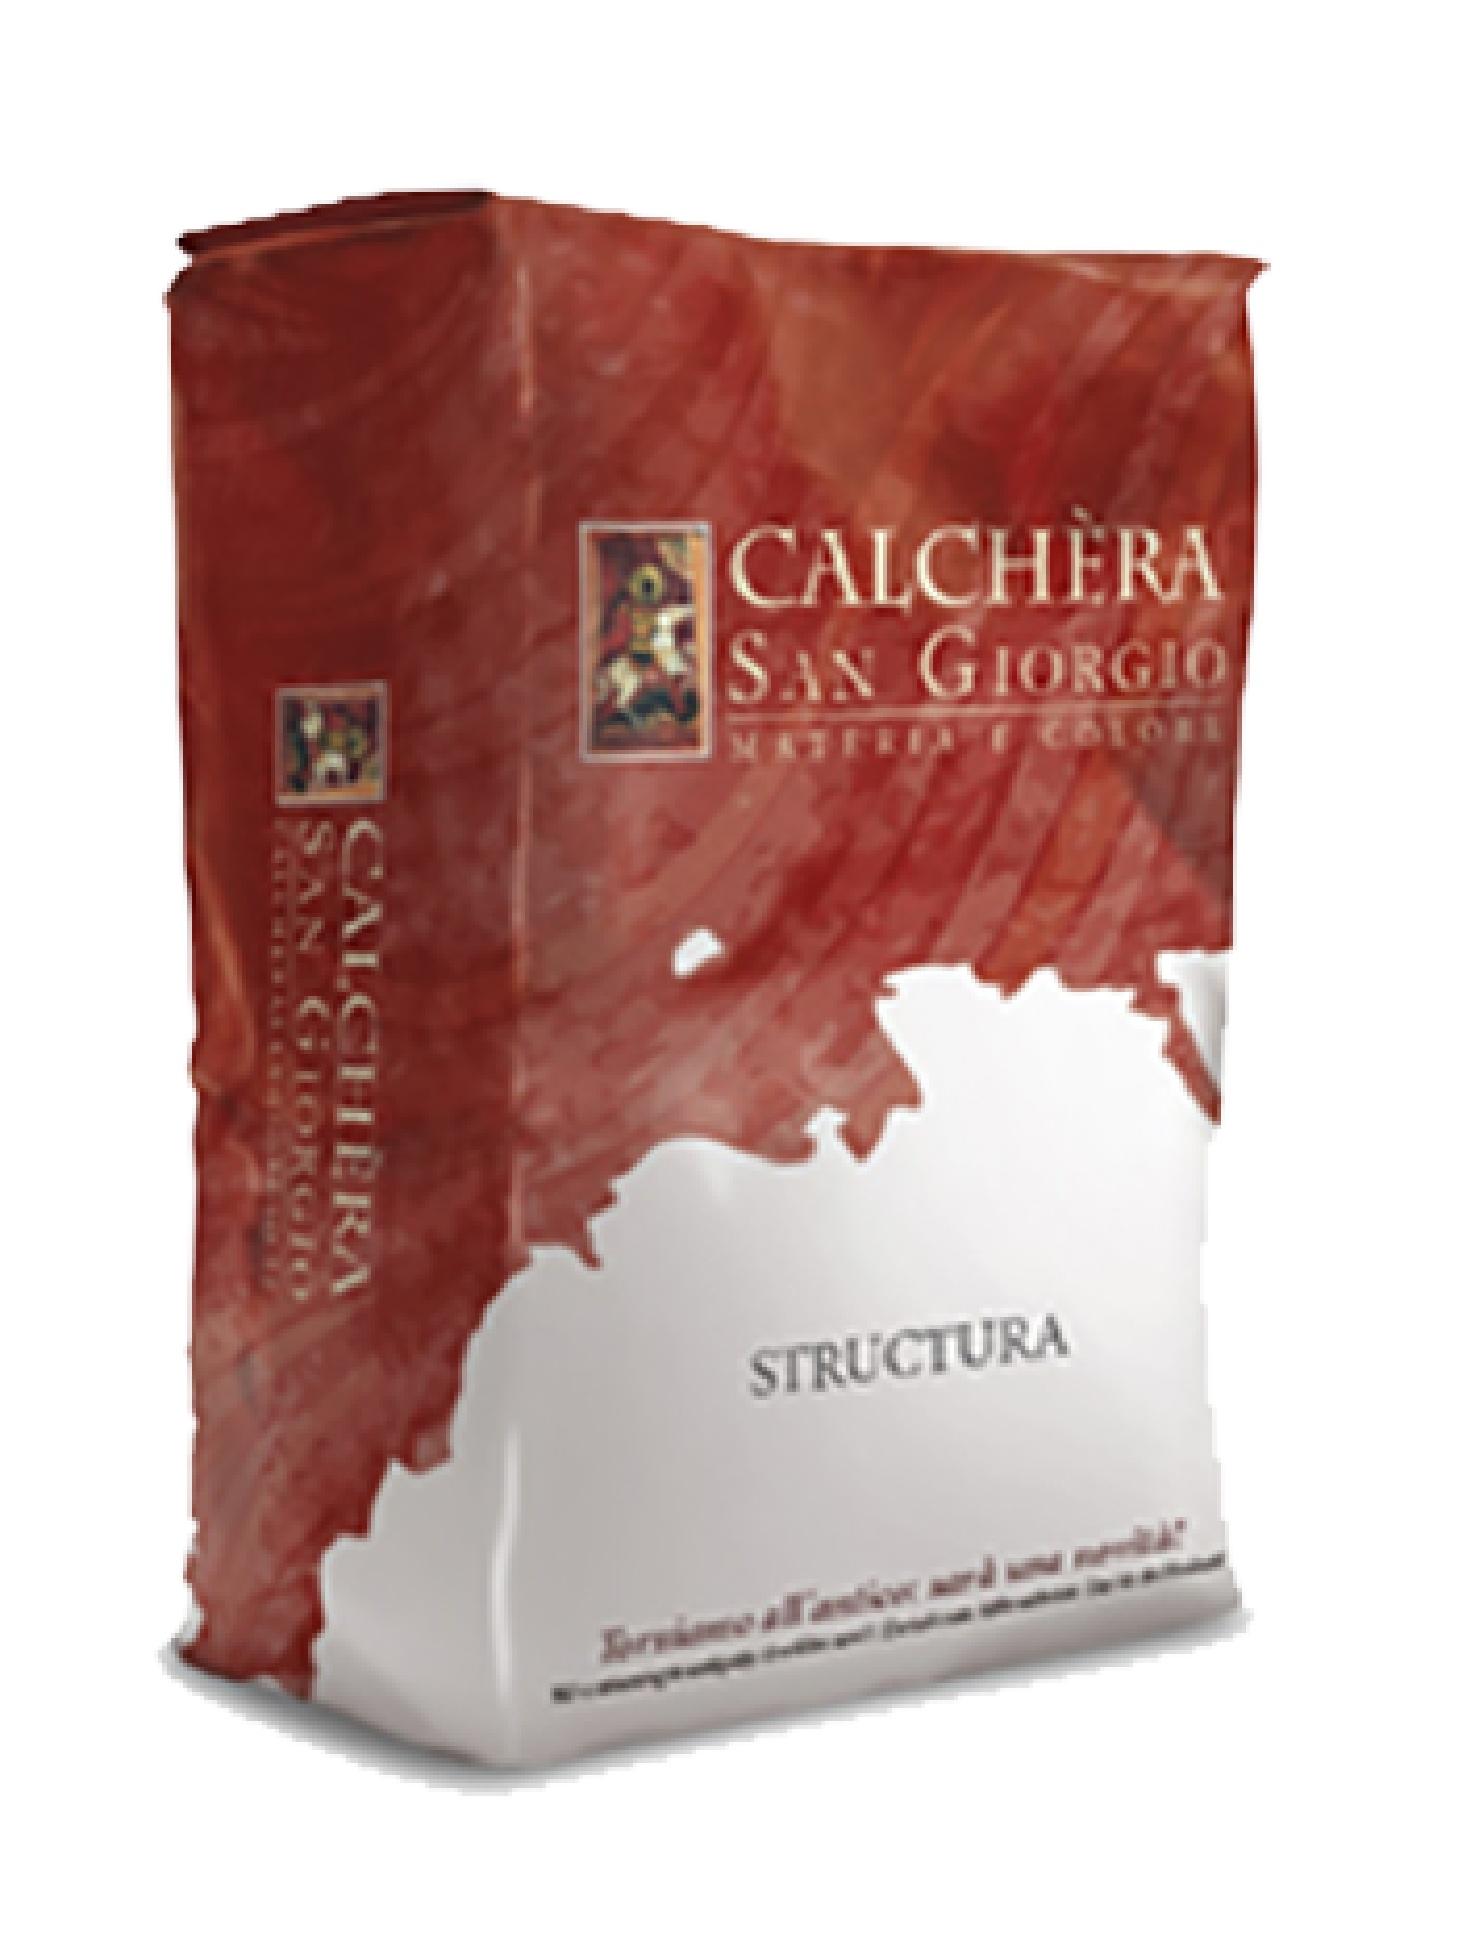 Structura: Wapeningsmortel voor de structurele versteviging van muurwerk, gewelve - Promacom